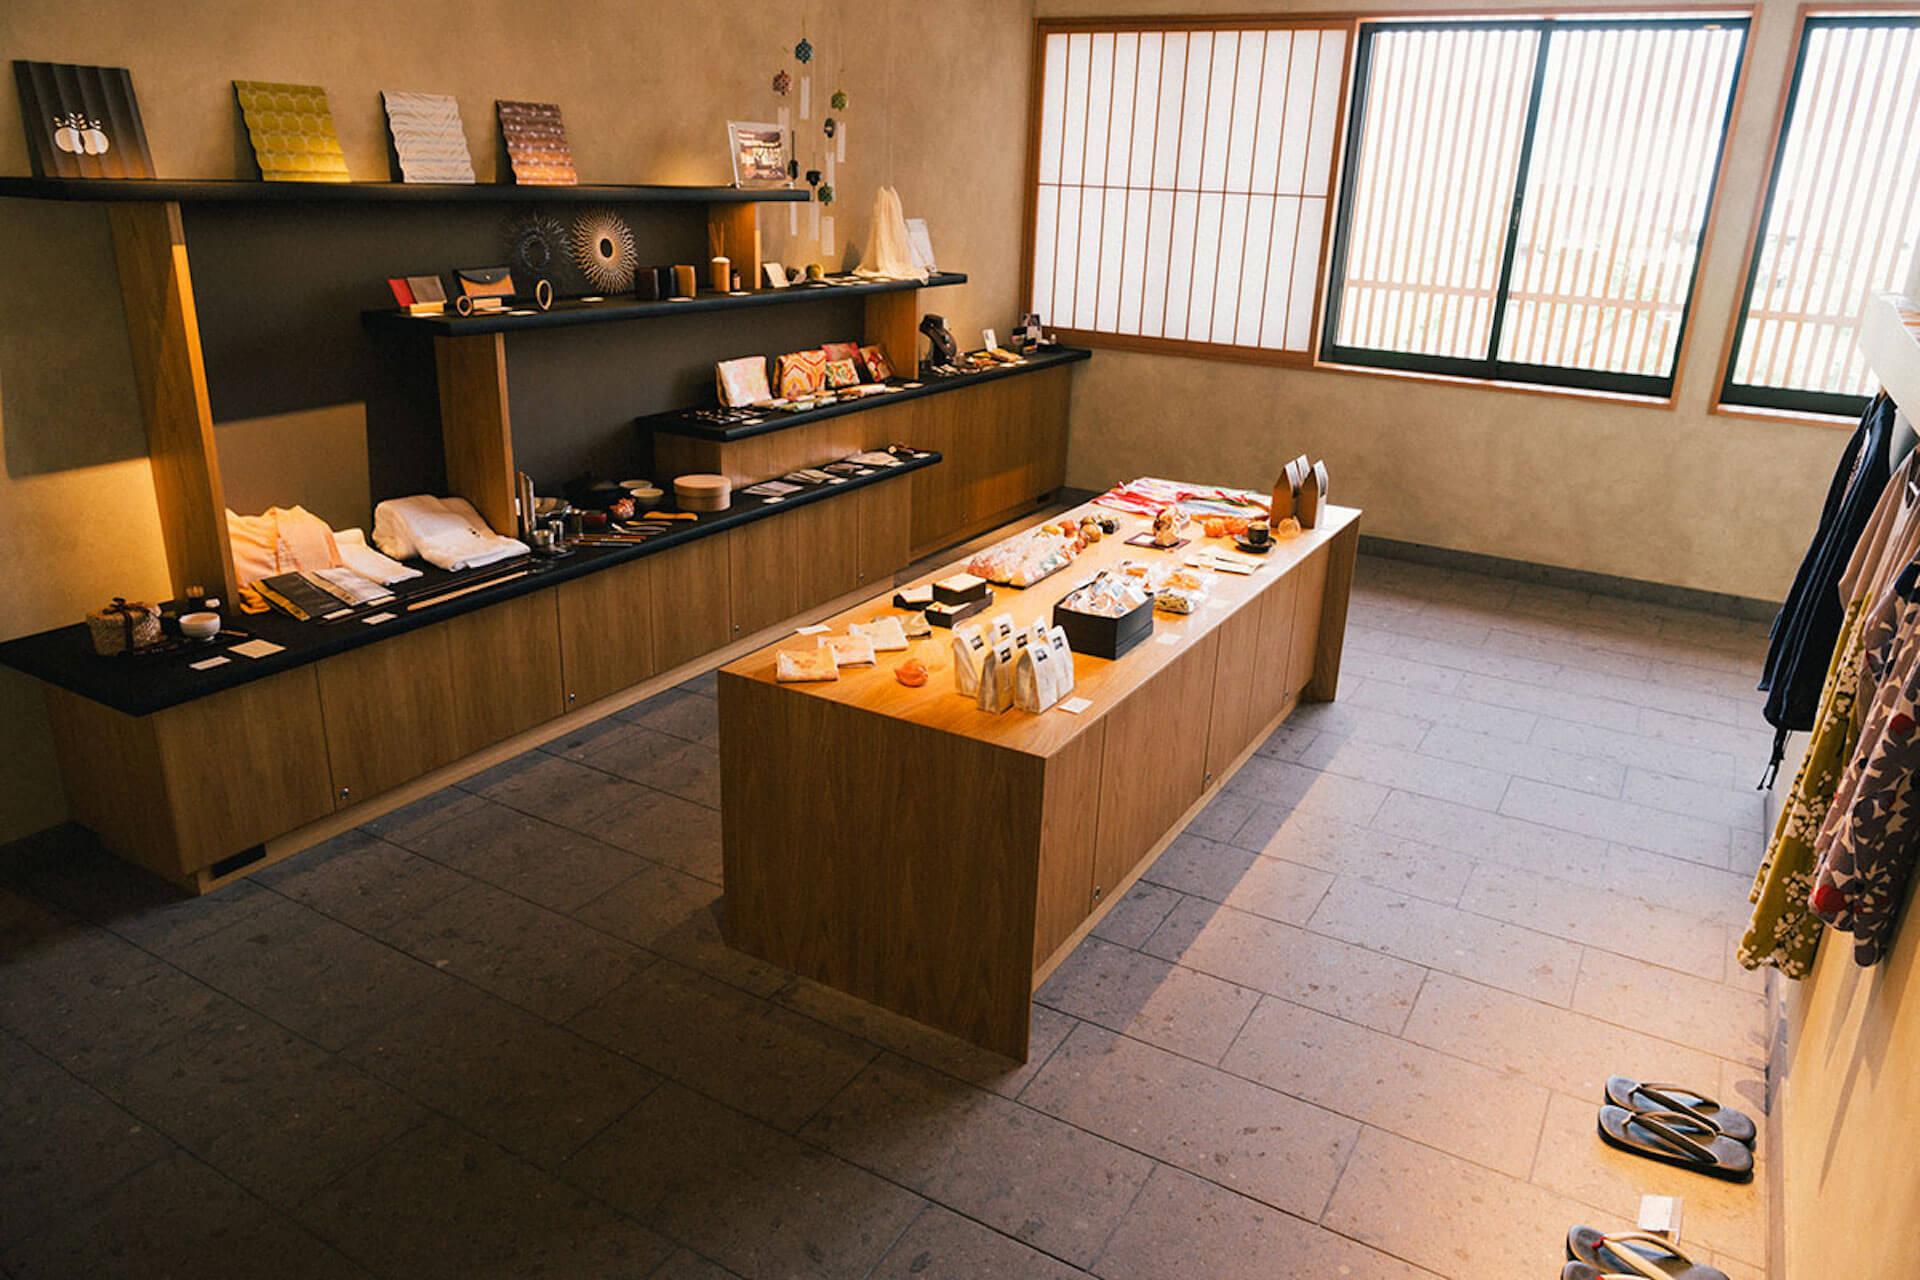 京都・嵐山から舟で非日常へトリップ! 水辺のラグジュアリーホテル『星のや京都』で極上体験 3-1